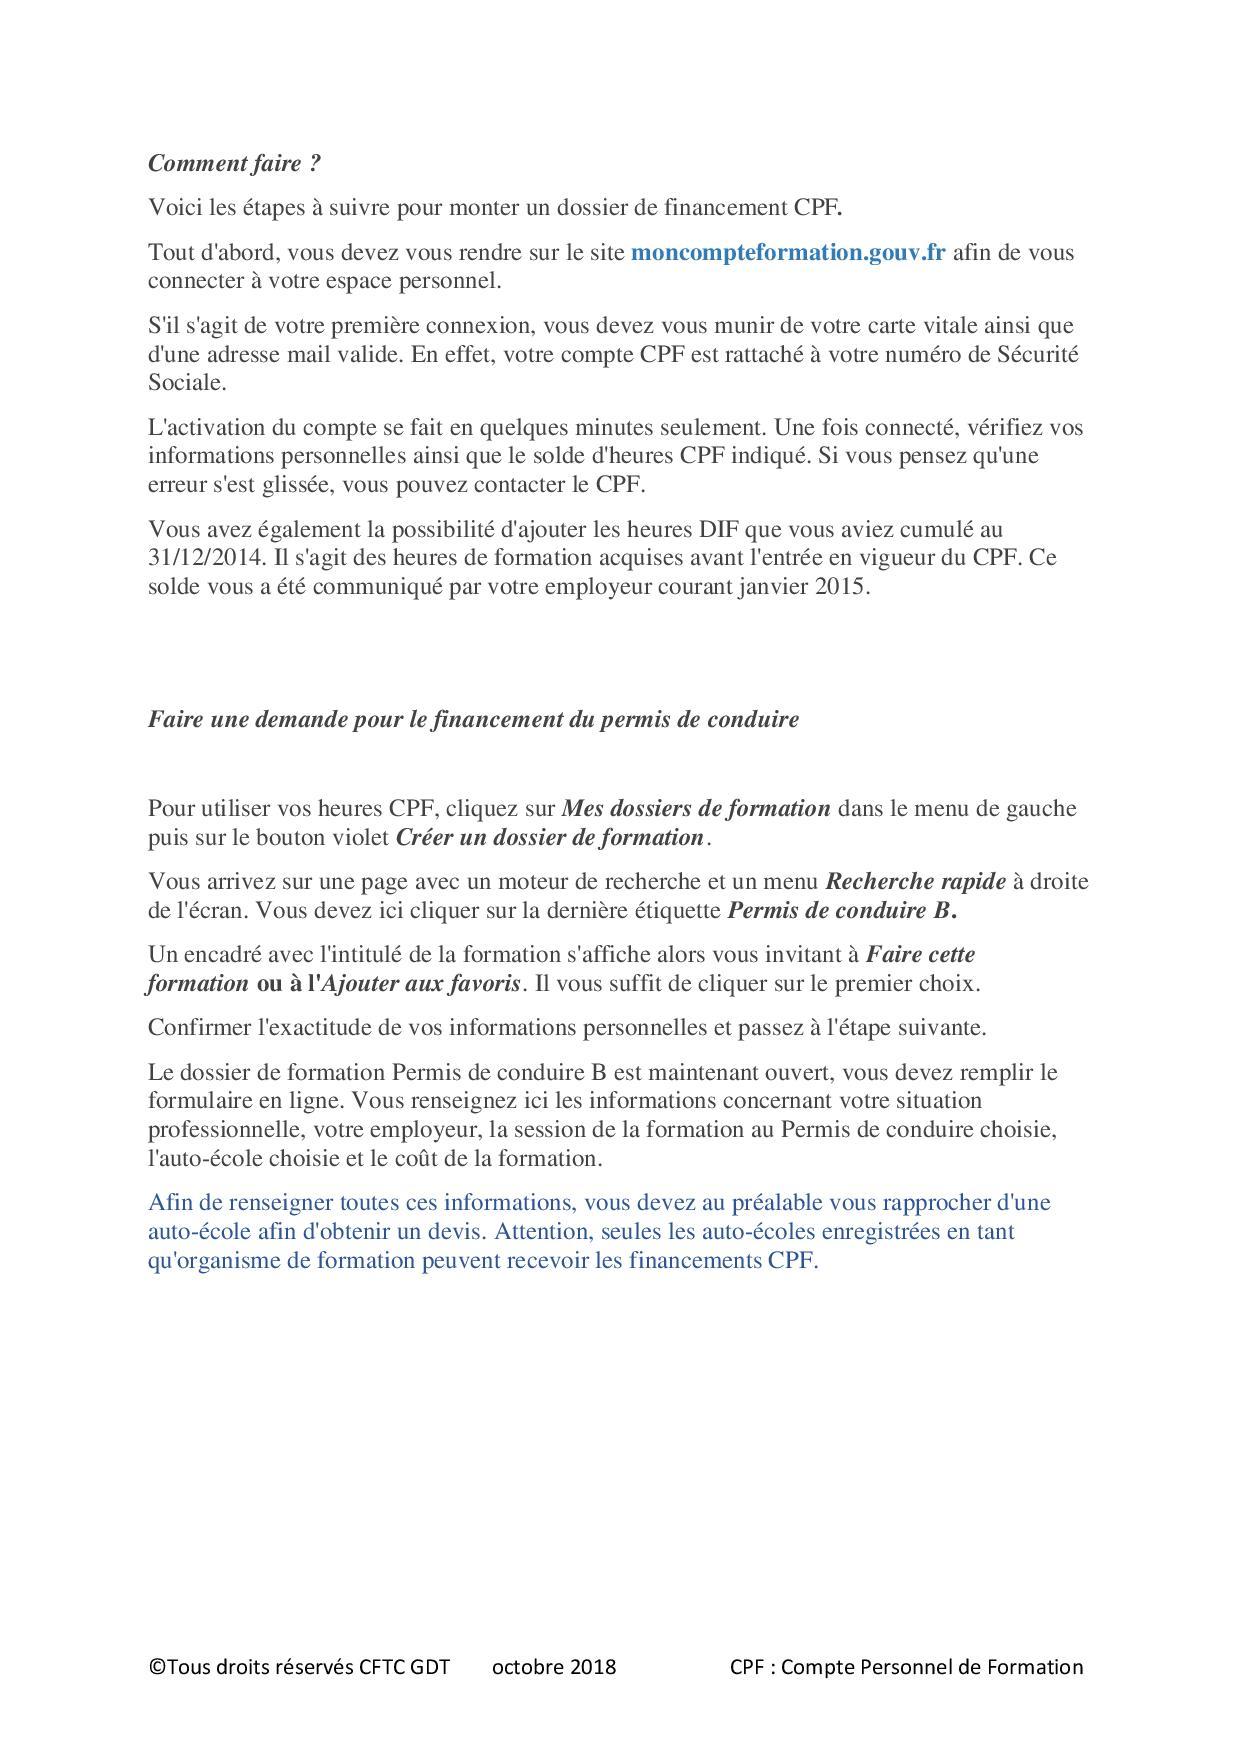 expession des salariés générale de téléphone - Portail CPF%20financer%20son%20permis%20de%20conduire-page-002